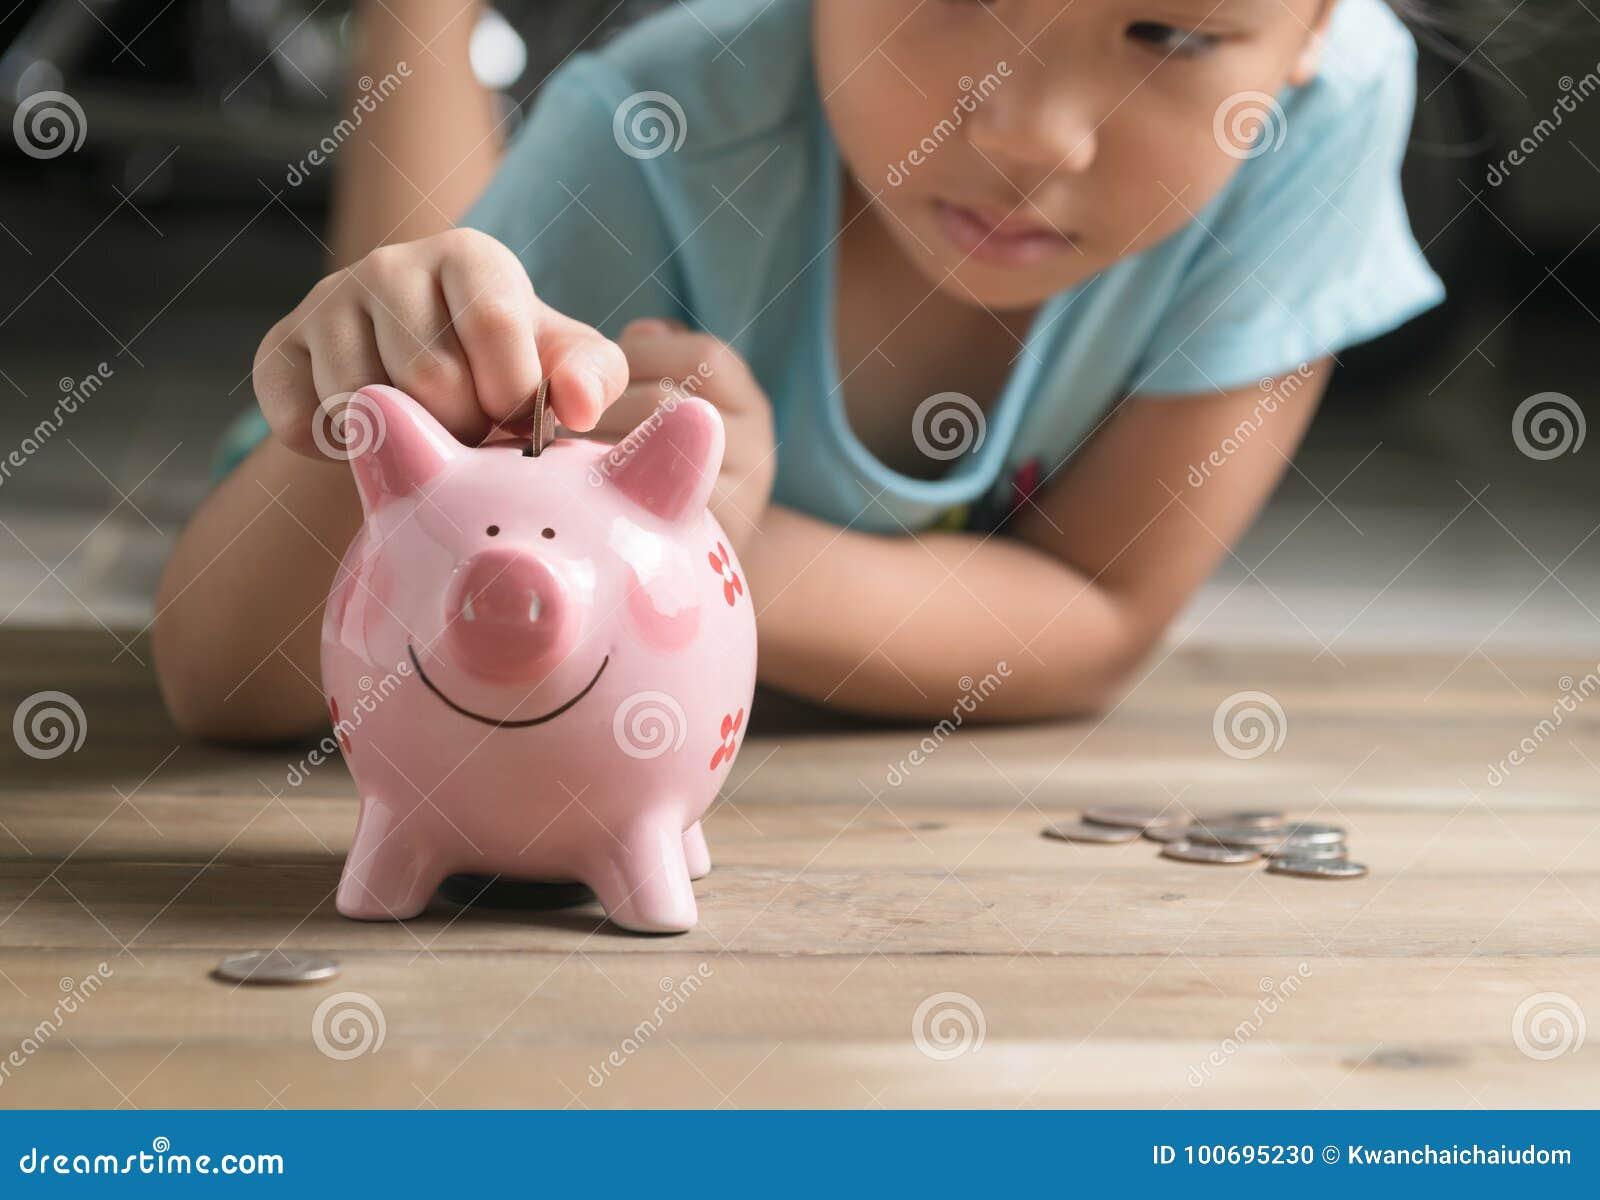 La ragazza della mano ha messo la moneta al porcellino salvadanaio, risparmiante i soldi